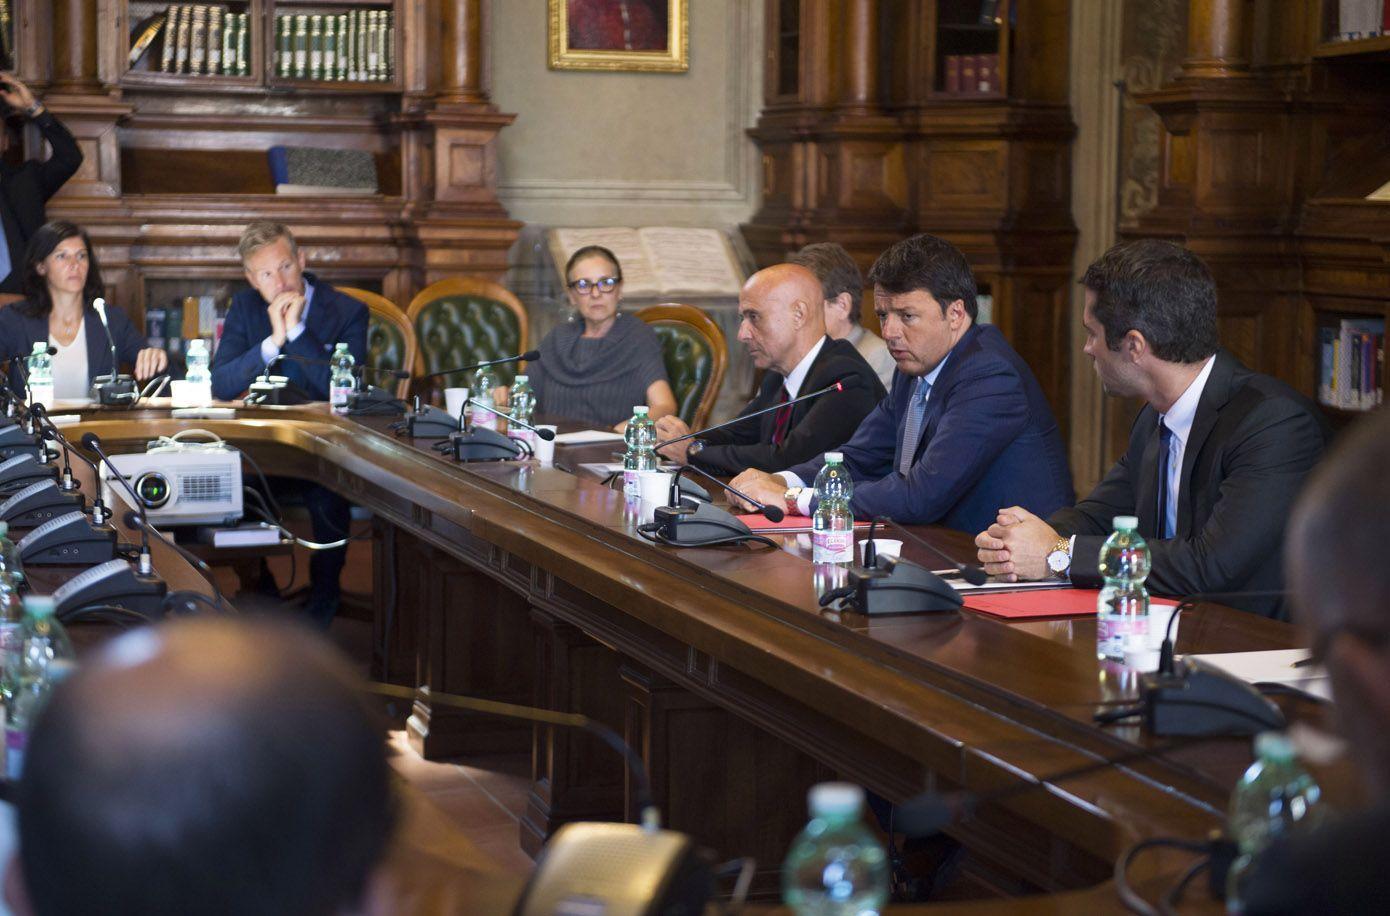 Terrorismo, commissione estremismo jihadista si insedia a Palazzo Chigi